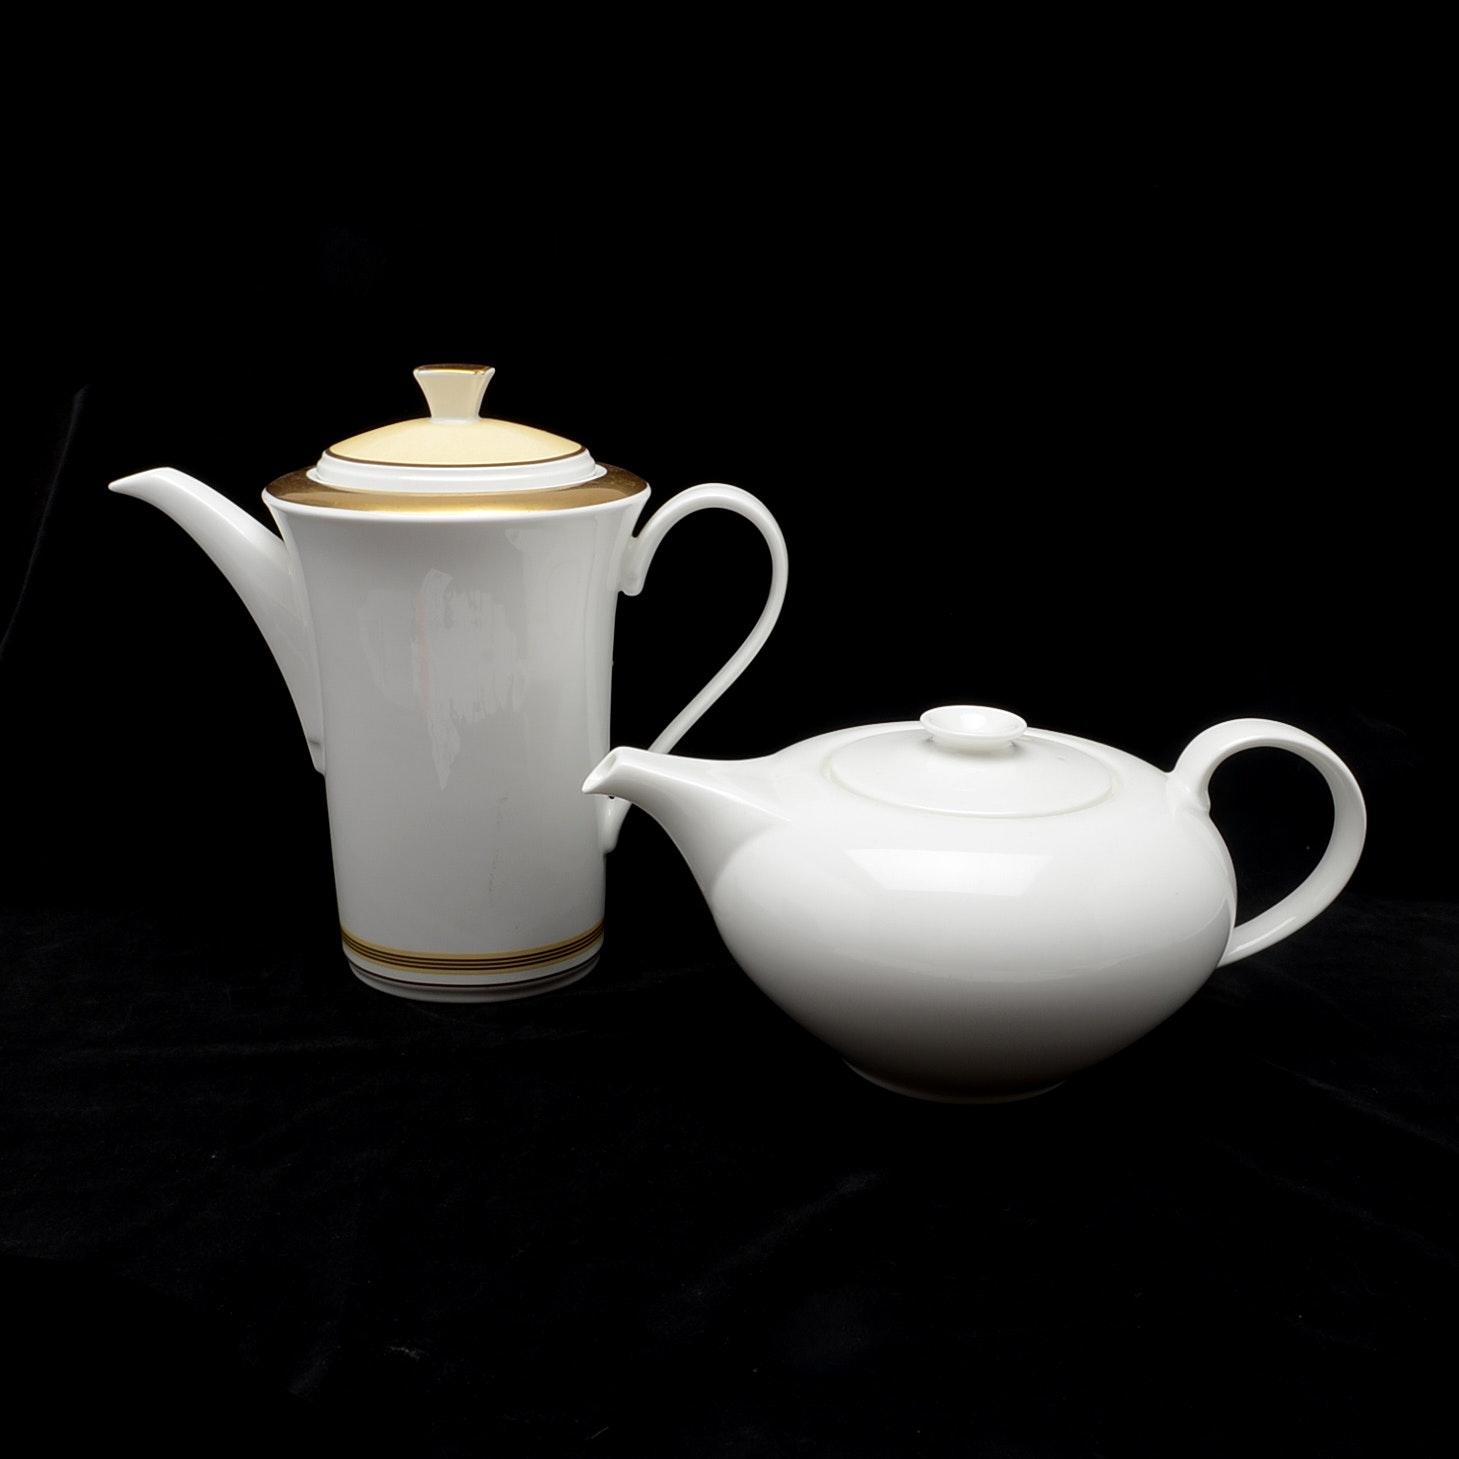 Pair of Mid Century Modern Style Teapots